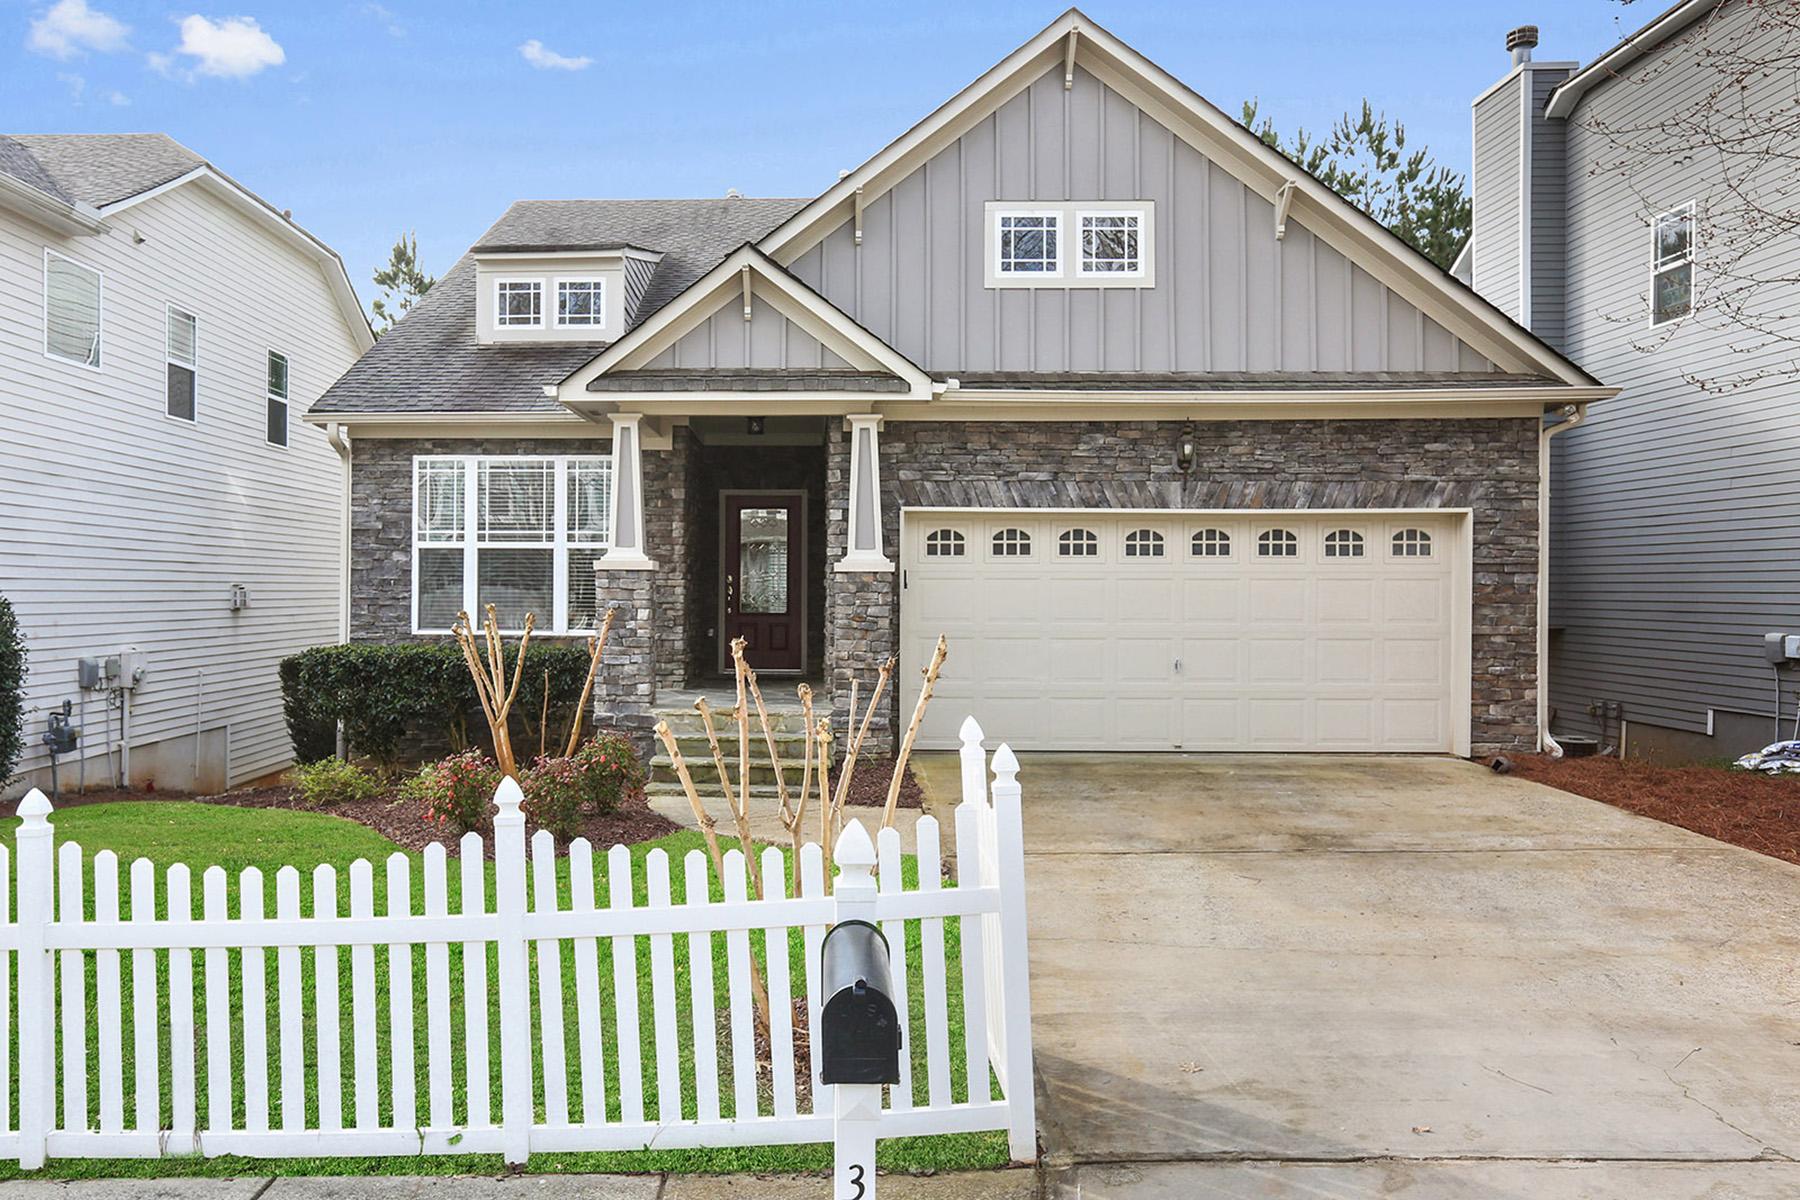 Частный односемейный дом для того Продажа на White Picket Fence Craftsman Home On Full Daylight Basement 3710 Livery Lane, Cumming, Джорджия, 30040 Соединенные Штаты